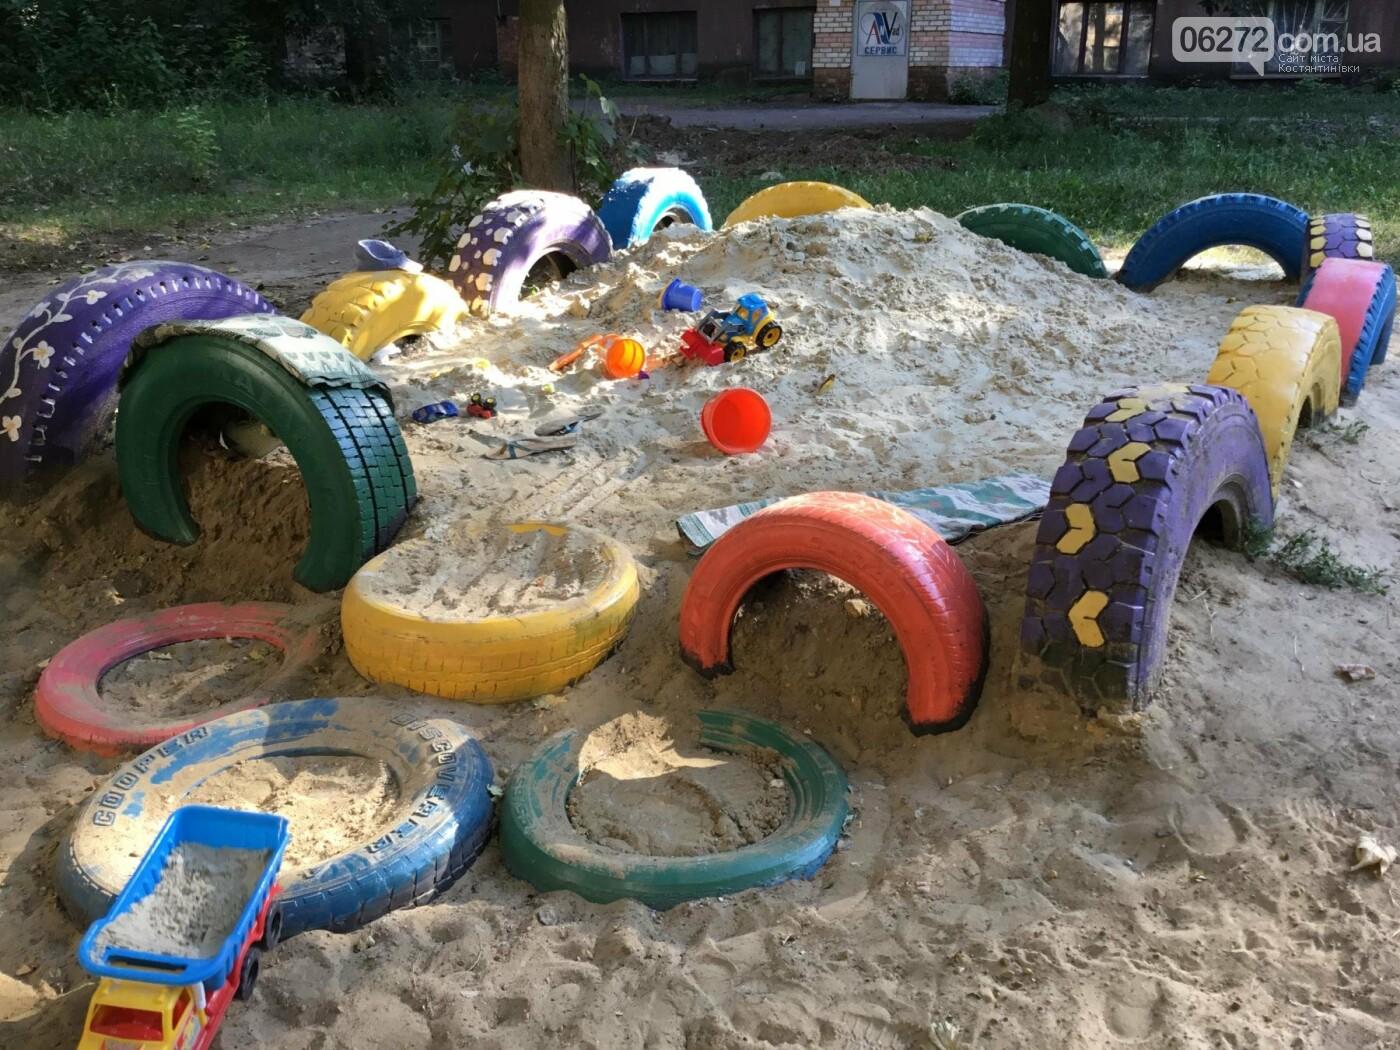 На пр. Ломоносова появилась детская площадка, созданная жителями Константиновки, фото-6